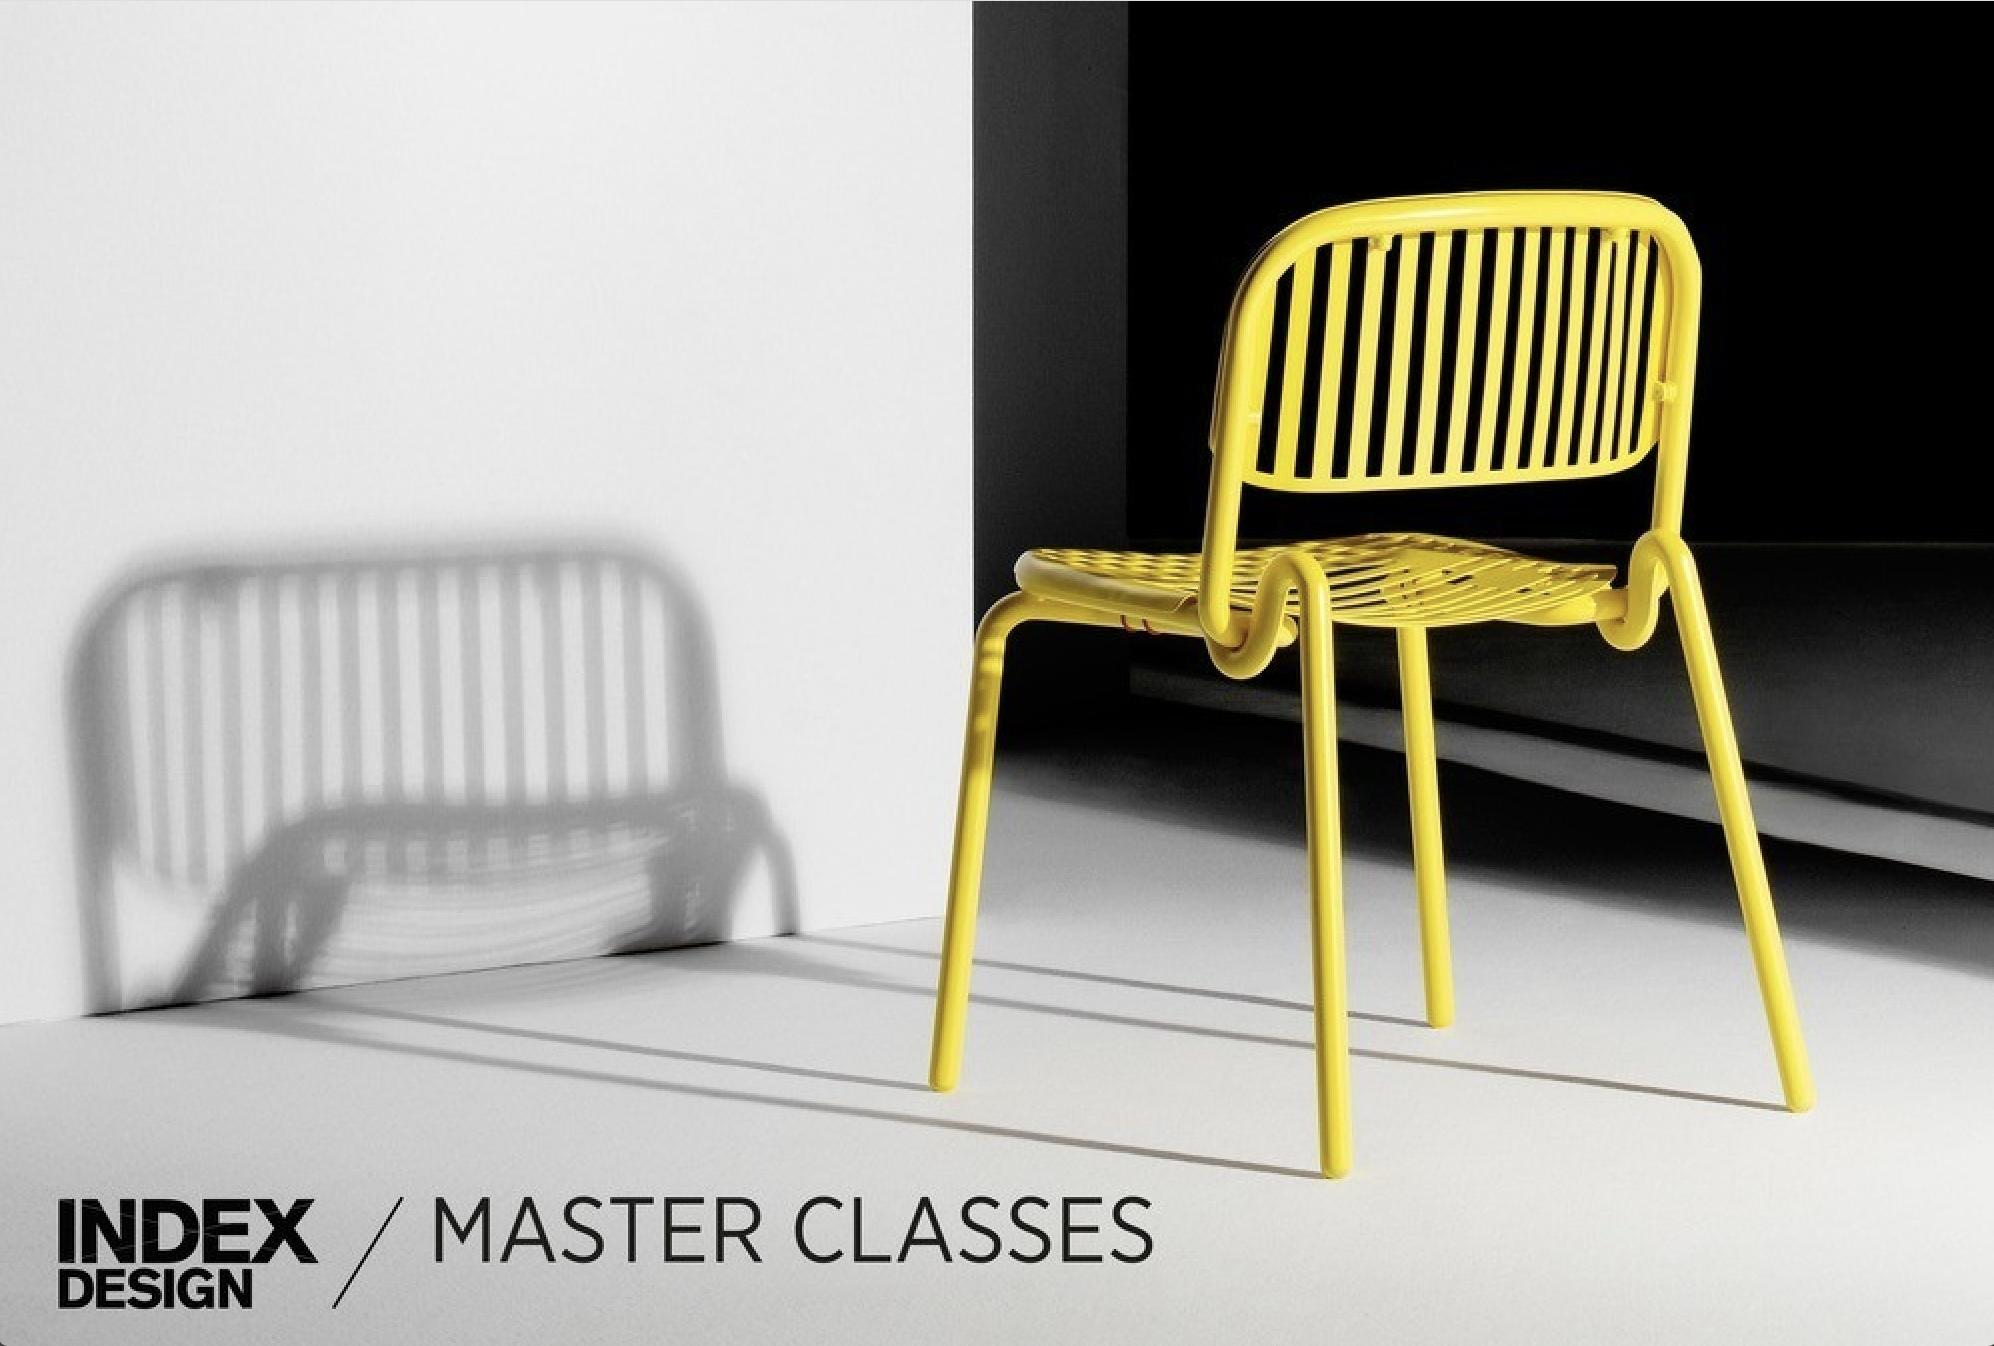 Index-Design Master Classes